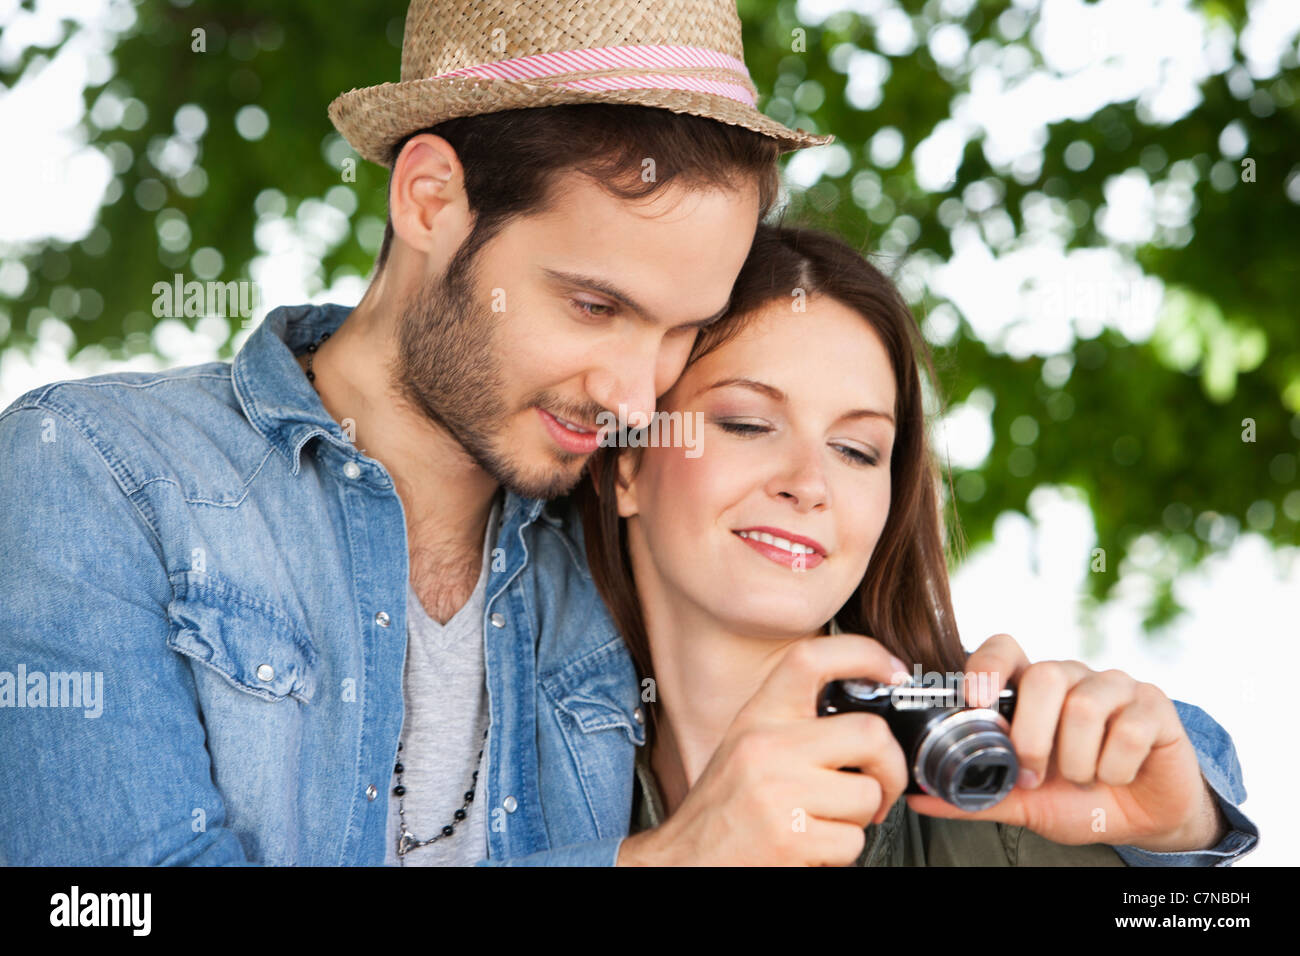 Par ver fotos en una cámara digital, Paris, Ile-de-France, Francia Imagen De Stock